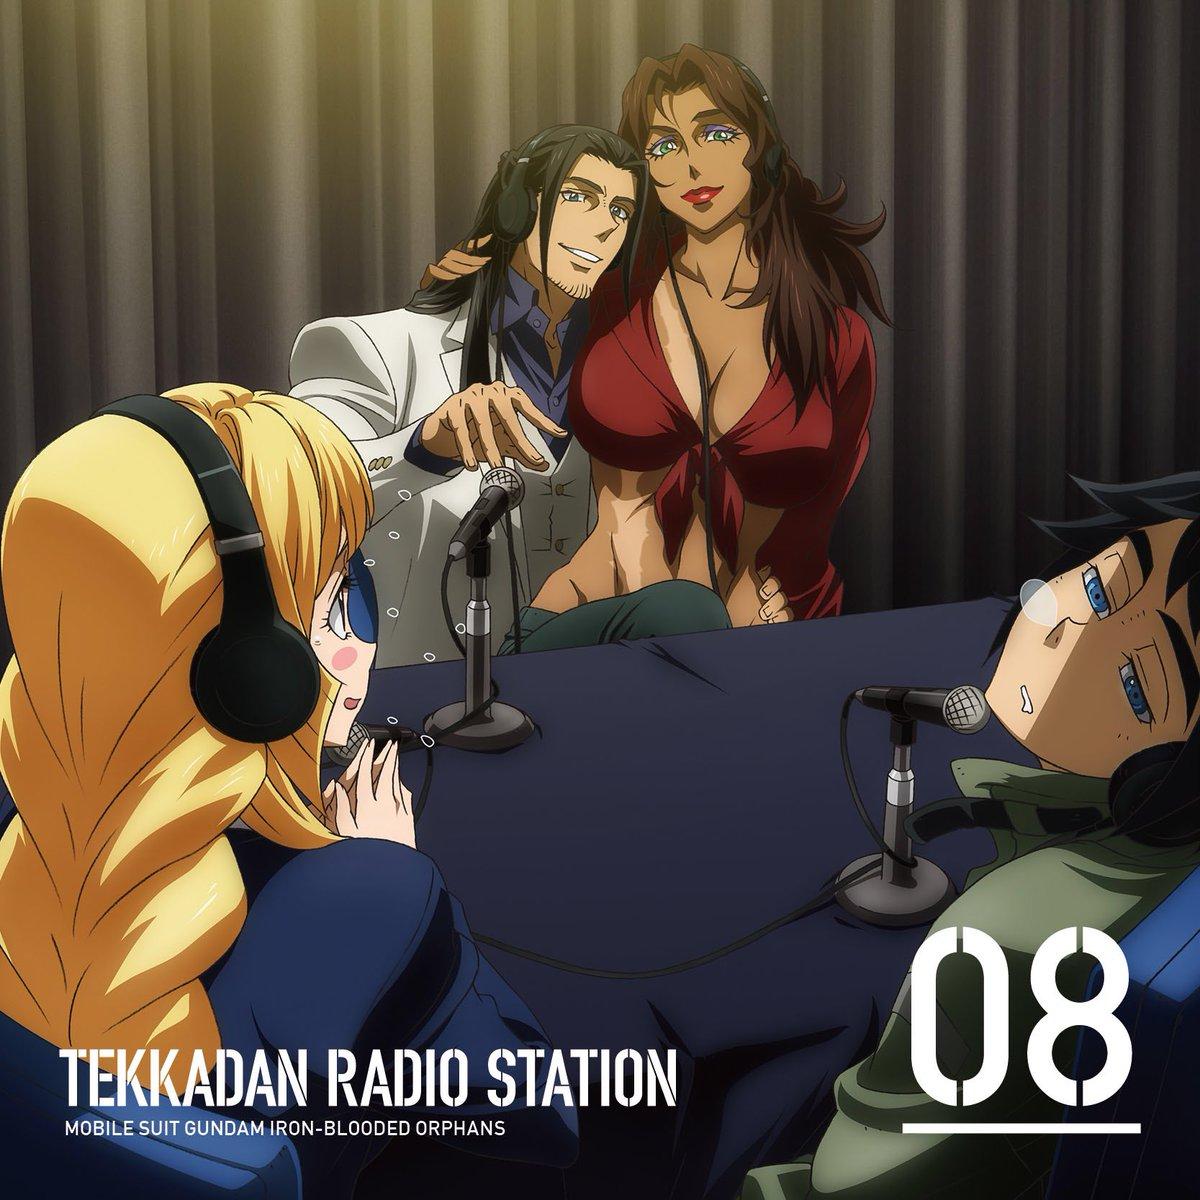 【ラジオ情報】「鉄華団放送局」ラジオCDVol.8のジャケット公開!新規録りおろしラジオは、名瀬役の…